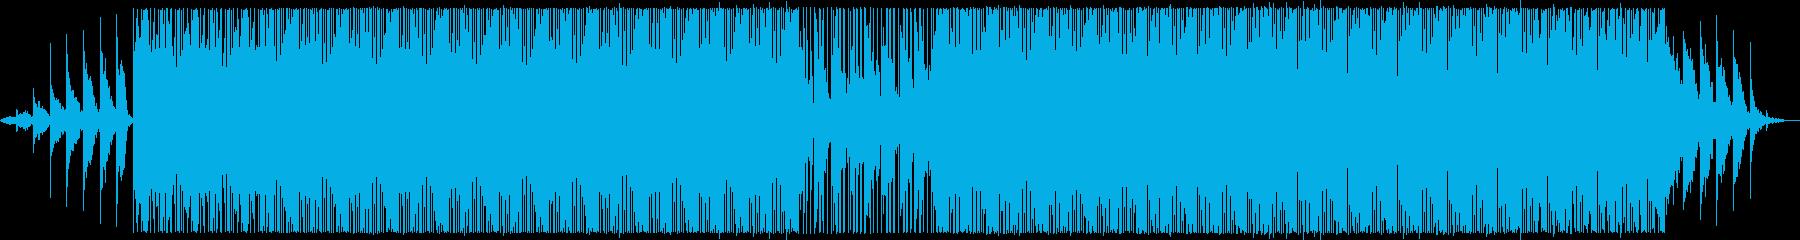 ムードある夜のテクノトラックの再生済みの波形